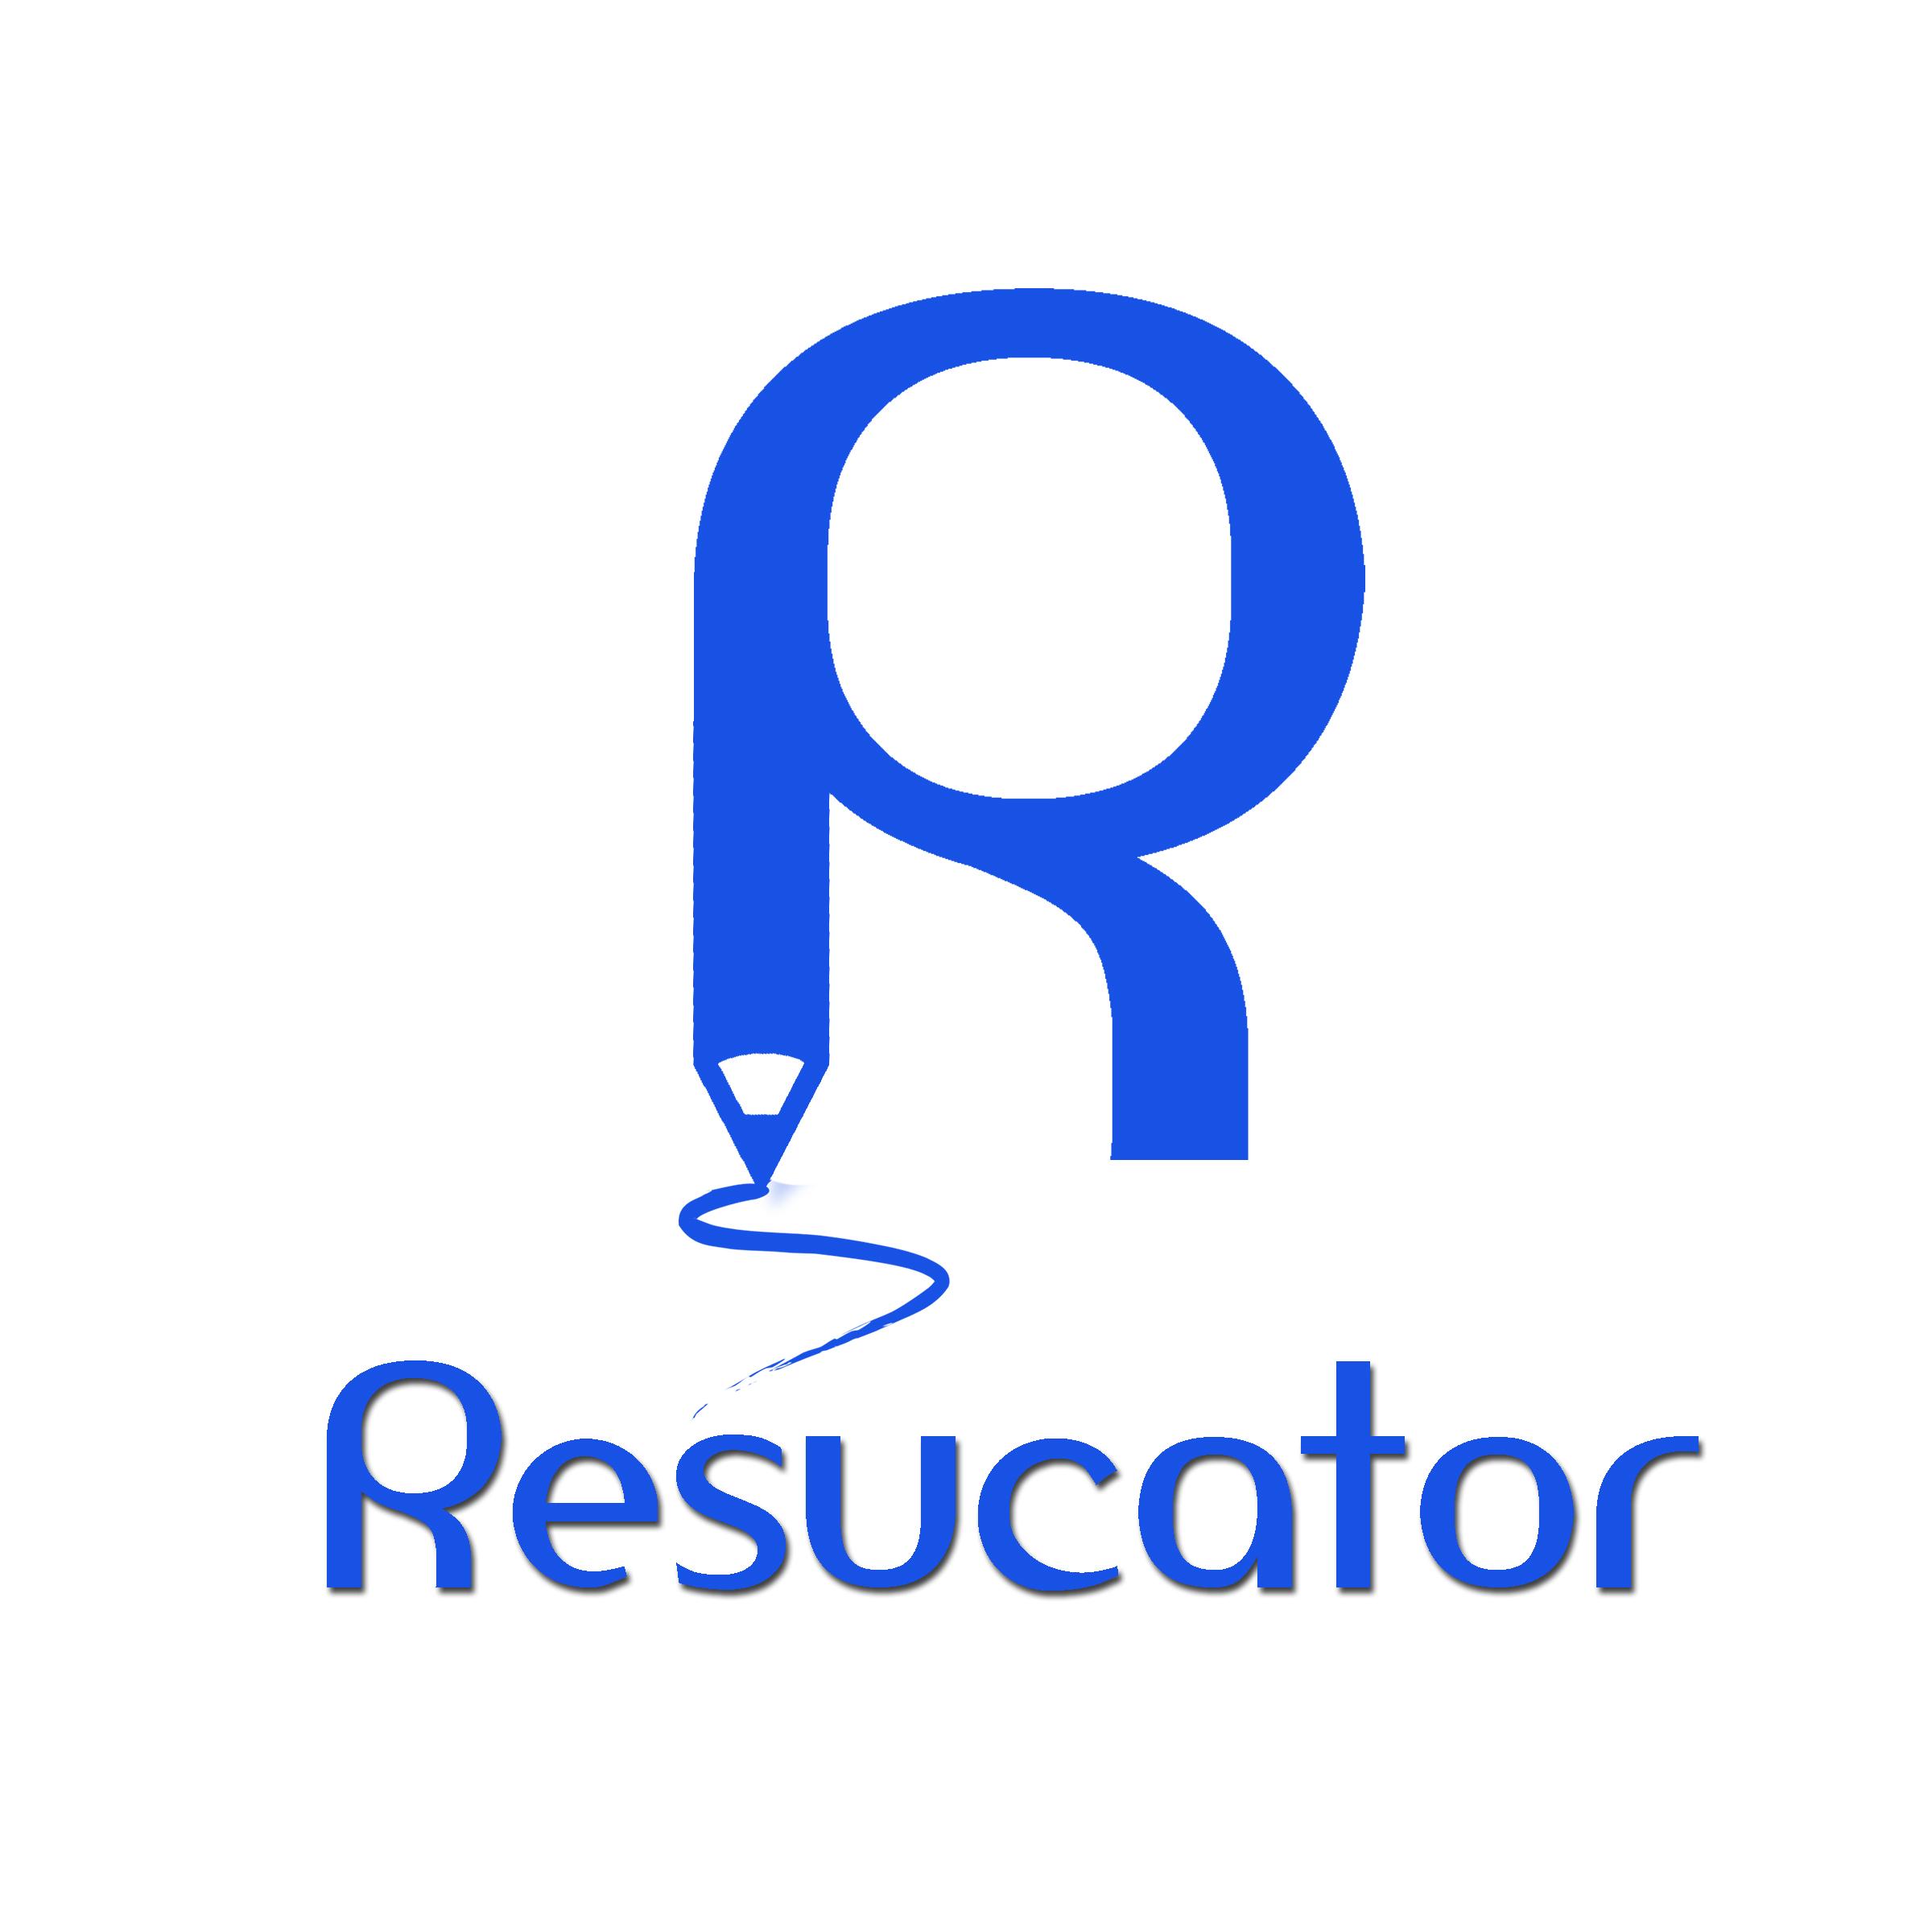 Resucator